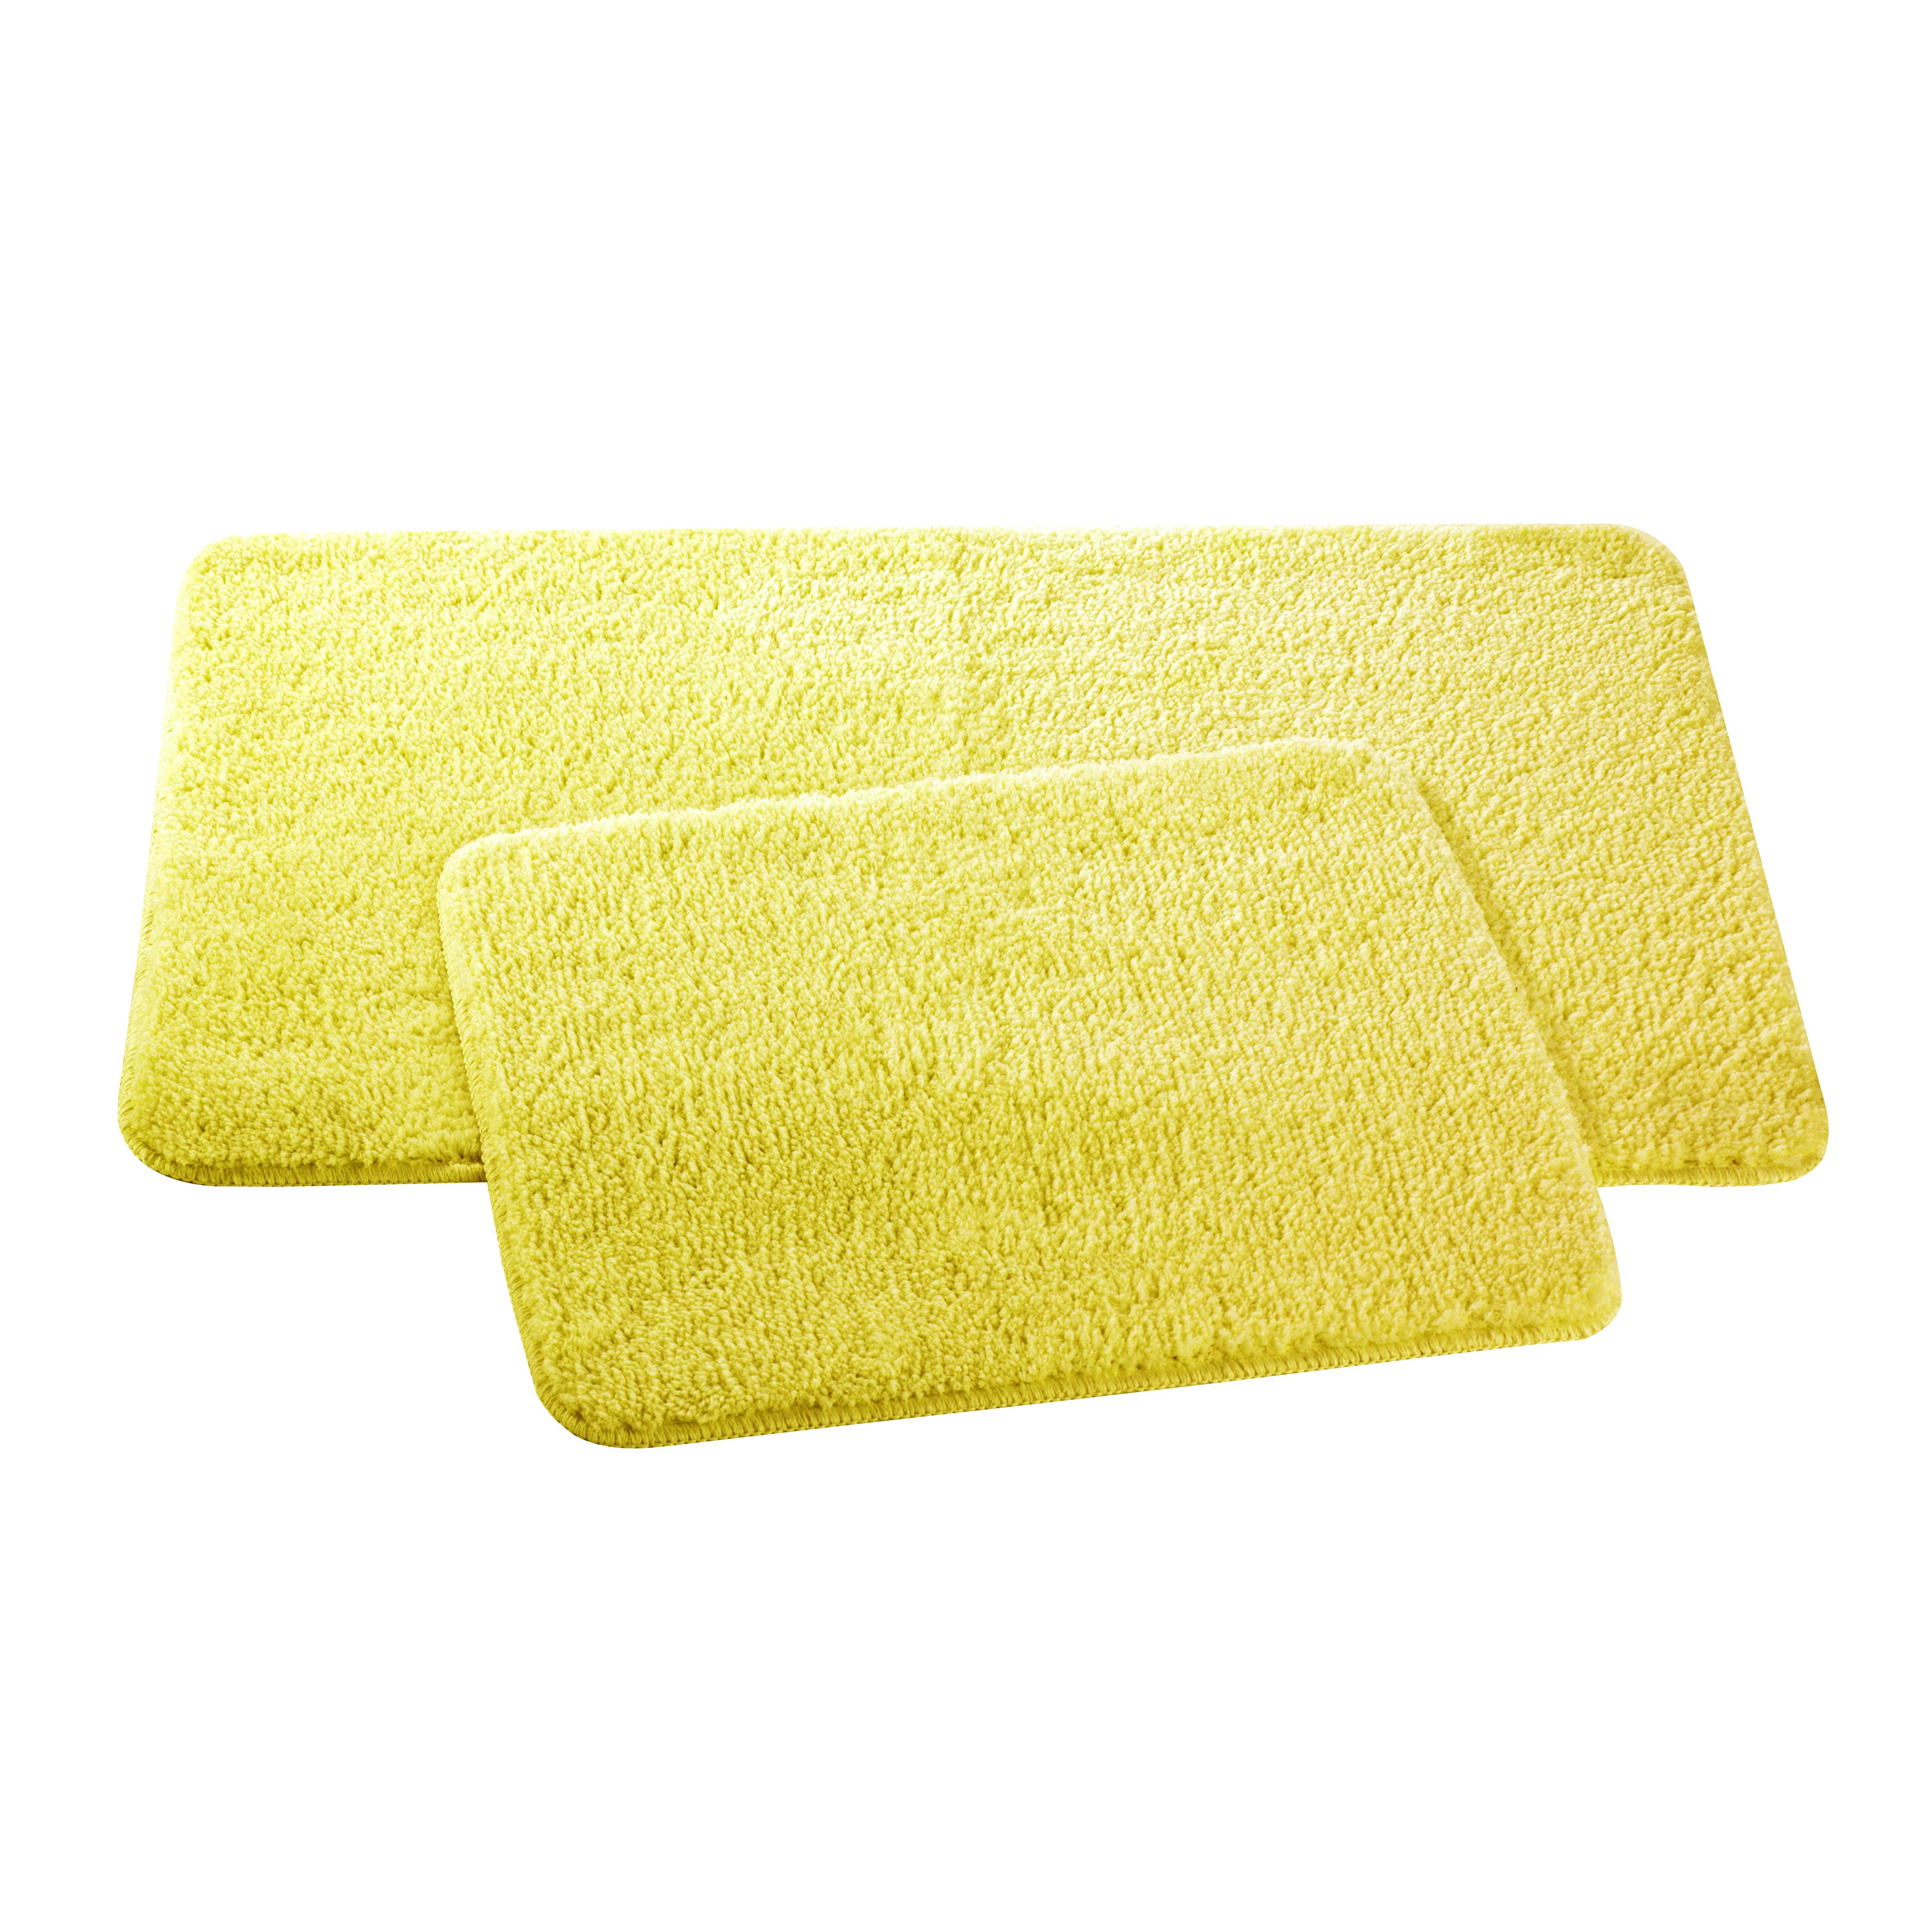 Набор ковриков для ванной и туалета Axentia, цвет: желтый, 2 шт391602Набор Axentia, выполненный из микрофибры (100% полиэстер), состоит из двух стеганых ковриков для ванной комнаты и туалета. Противоскользящее основание изготовлено из термопластичной резины и подходит для полов с подогревом. Коврики мягкие и приятные на ощупь, отлично впитывают влагу и быстро сохнут. Высокая износостойкость ковриков и стойкость цвета позволит вам наслаждаться покупкой долгие годы. Можно стирать в стиральной машине. Размер ковриков: 50 х 80 см; 50 х 40 см.Высота ворса 1,5 см.